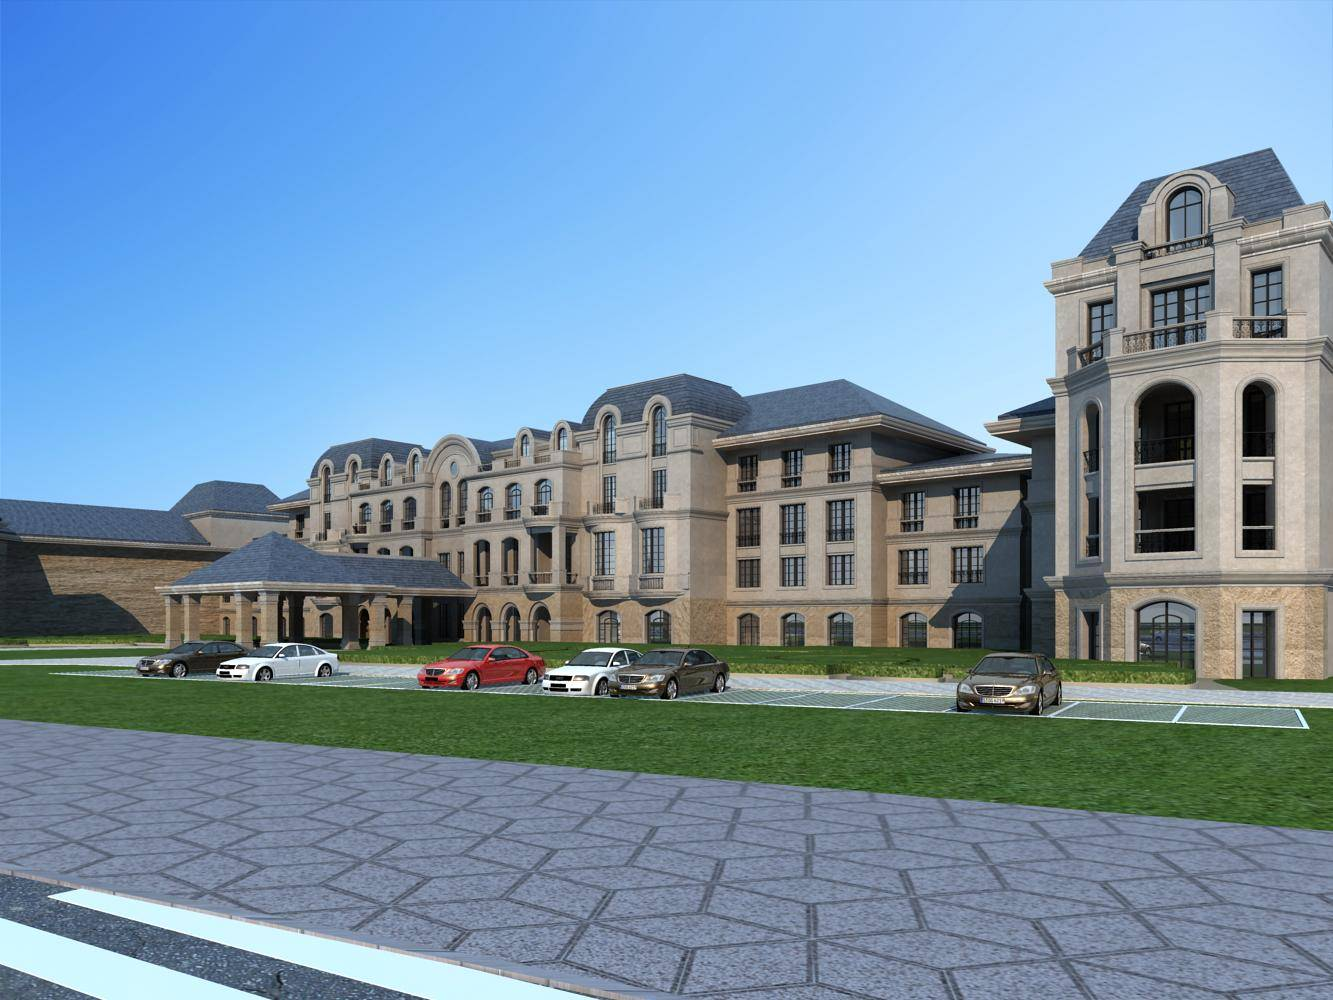 法式酒店及别墅群